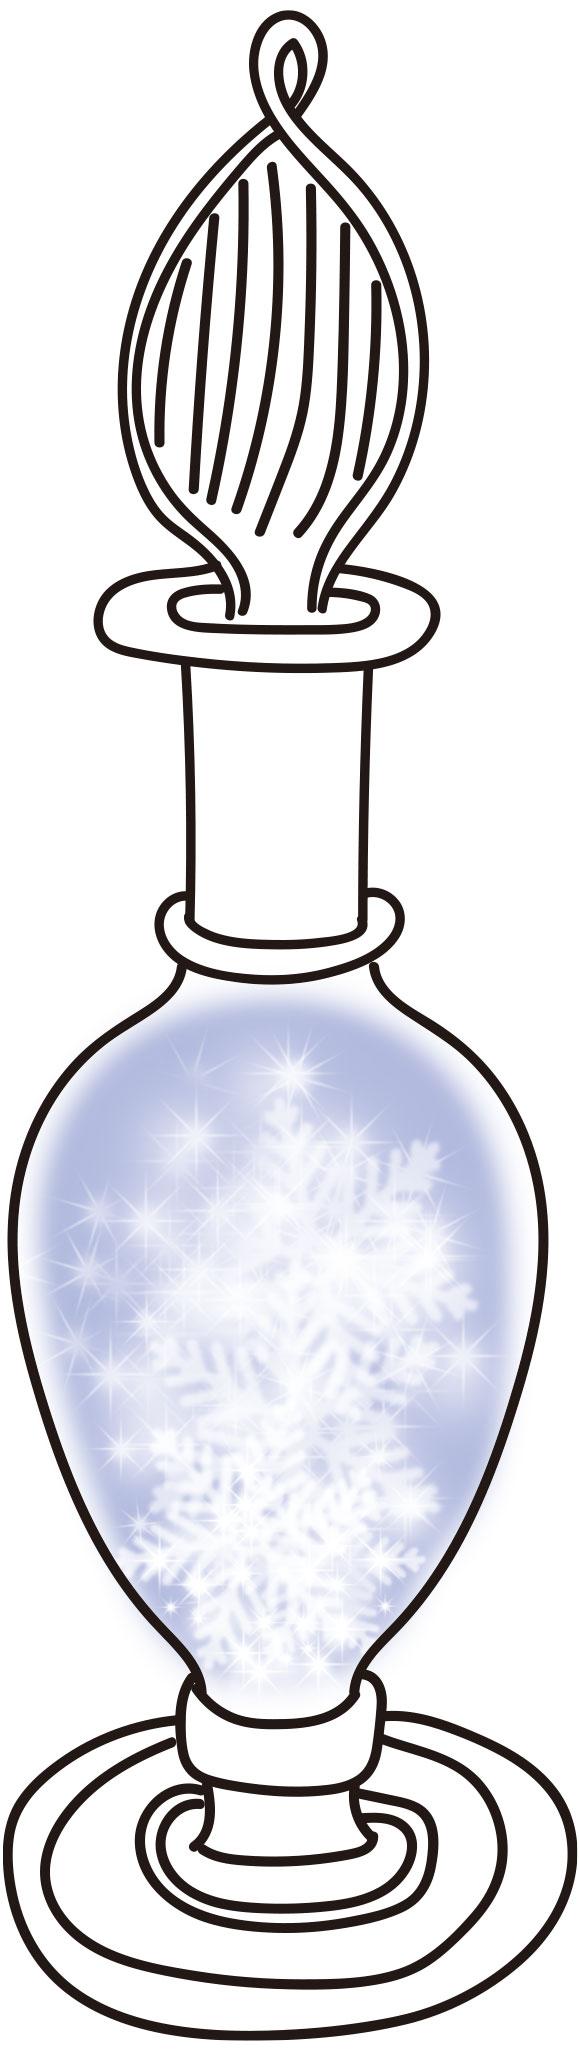 ストームグラス_雪や霜